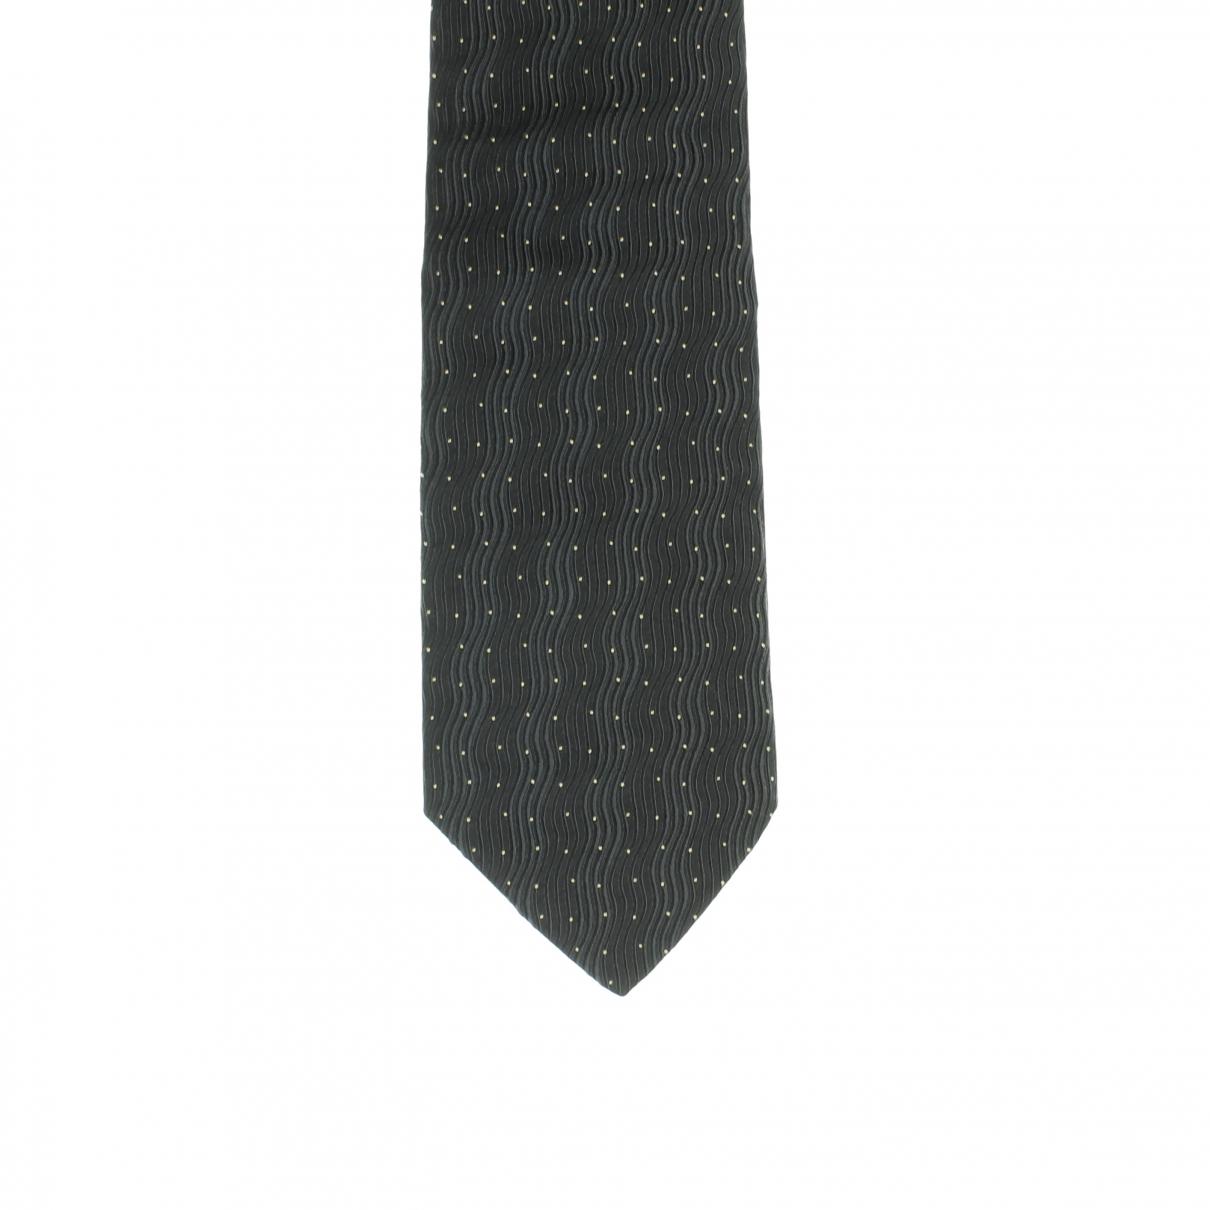 Dolce & Gabbana - Cravates   pour homme en soie - anthracite